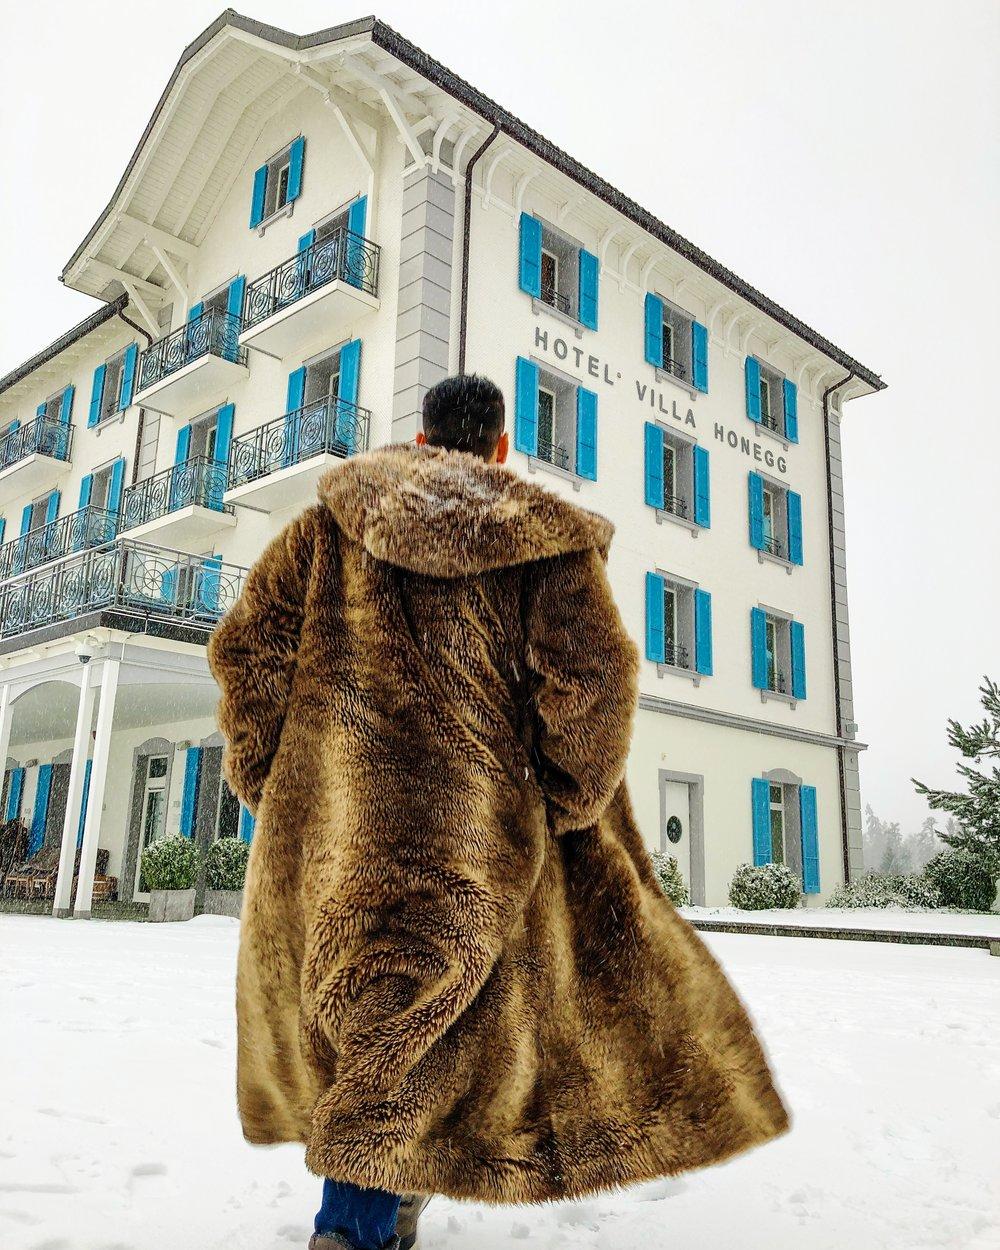 O hotel oferece casacos de pele sintética aos hóspedes para que possam passear pelos jardins e arredores.